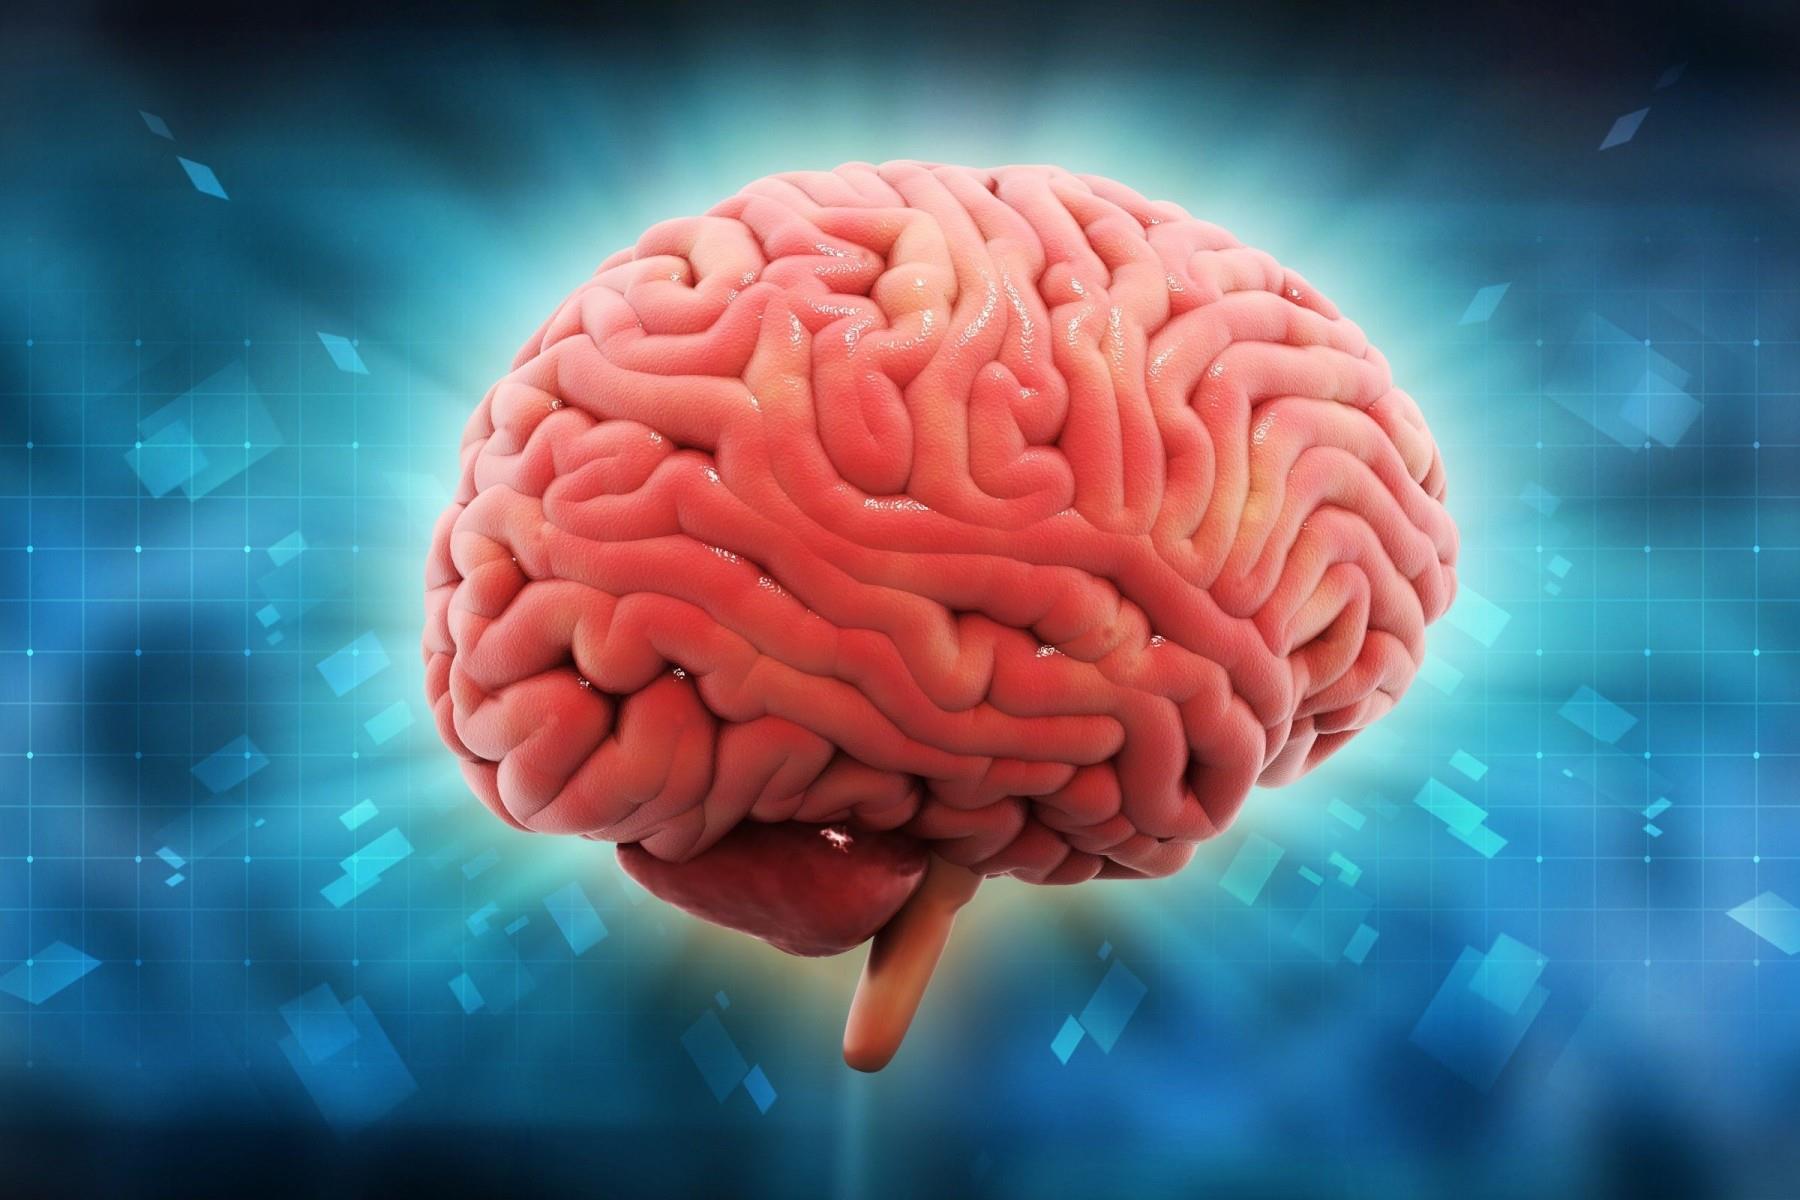 Картинка мозга с надписью, картинки девушке лет